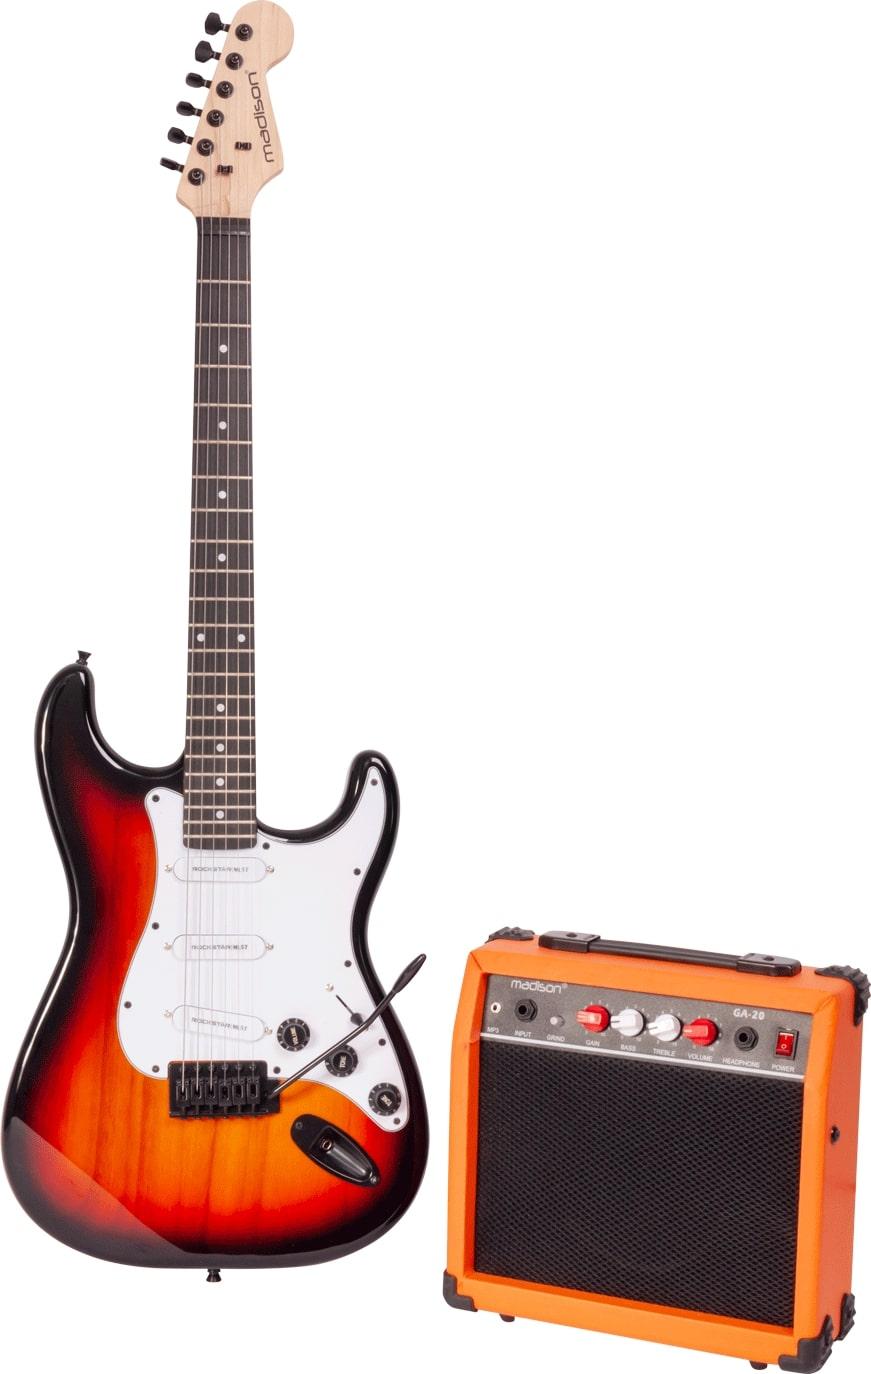 Madison vintage elektrisk guitar sæt, sunburst